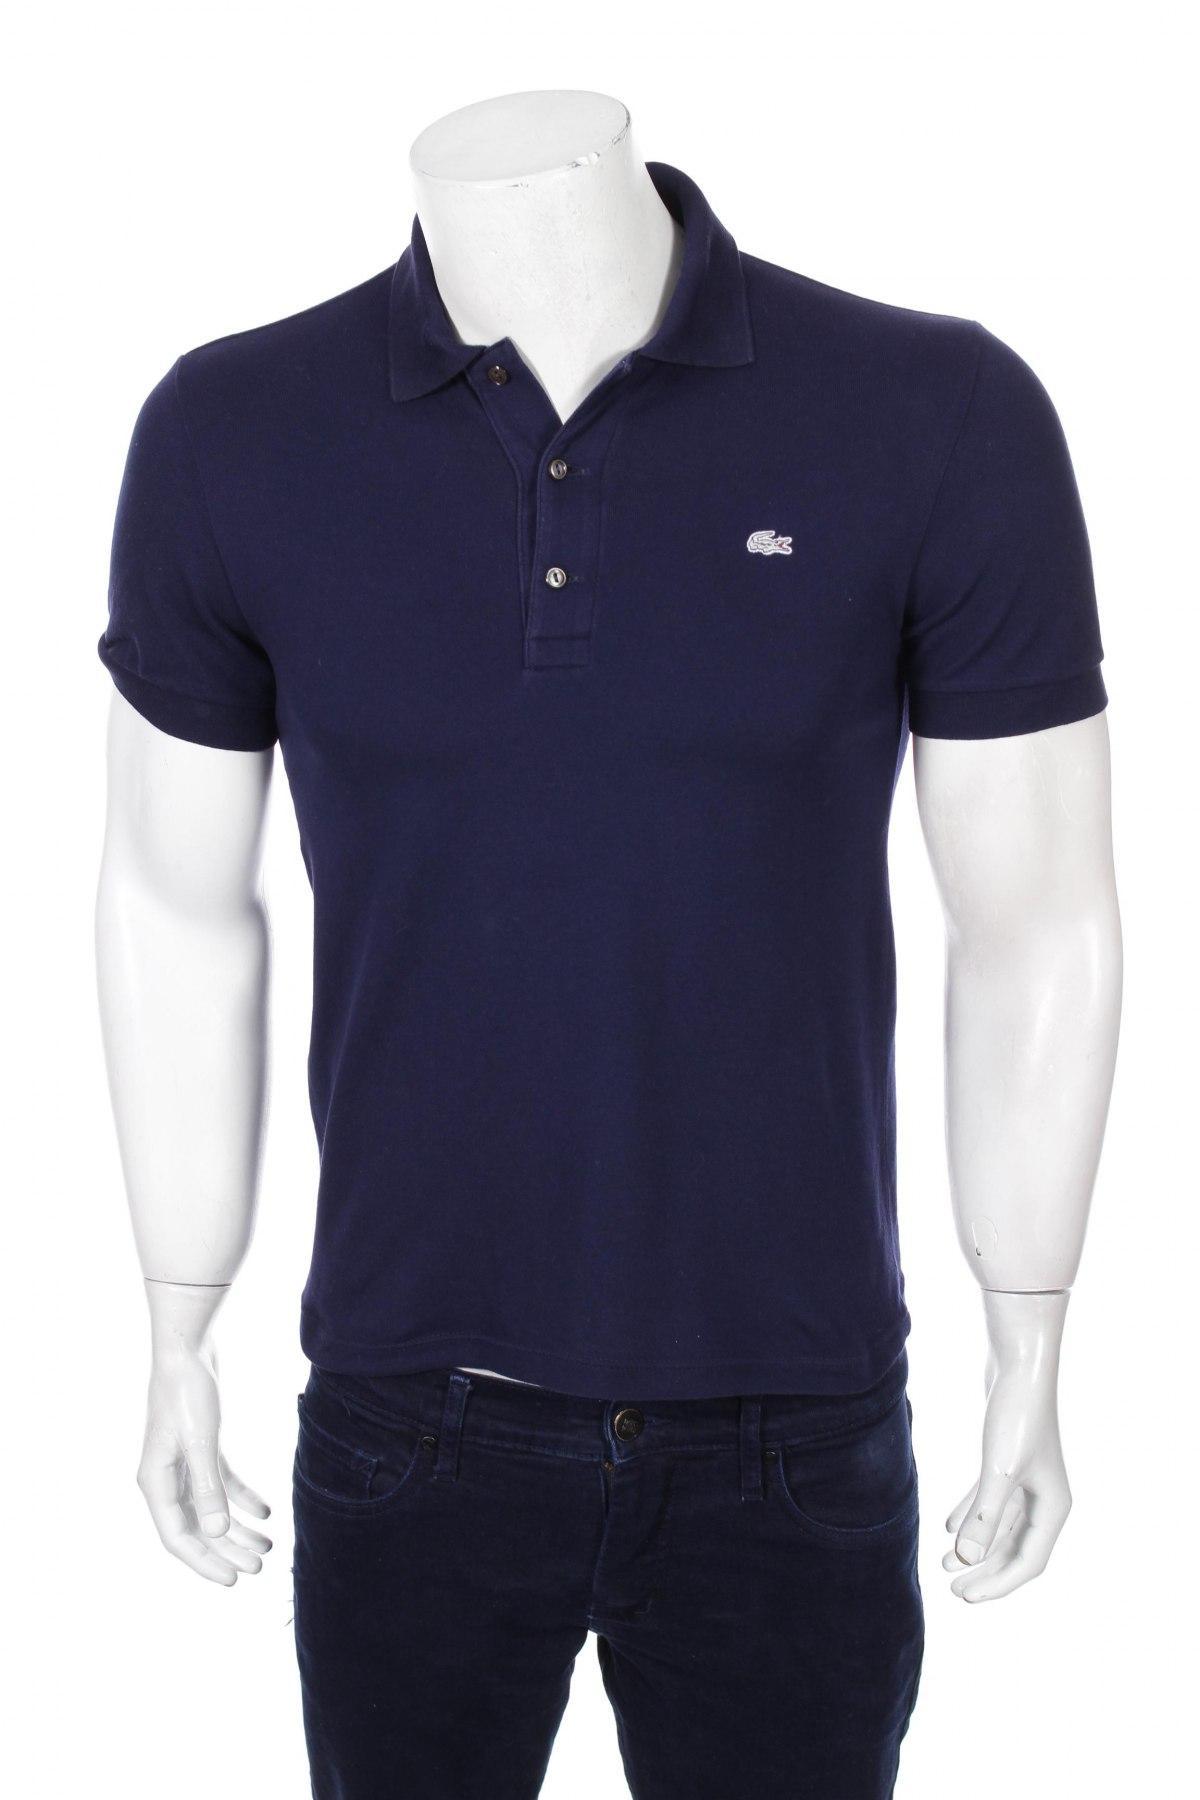 cheap for discount d7b50 4936b Herren T-Shirt Lacoste